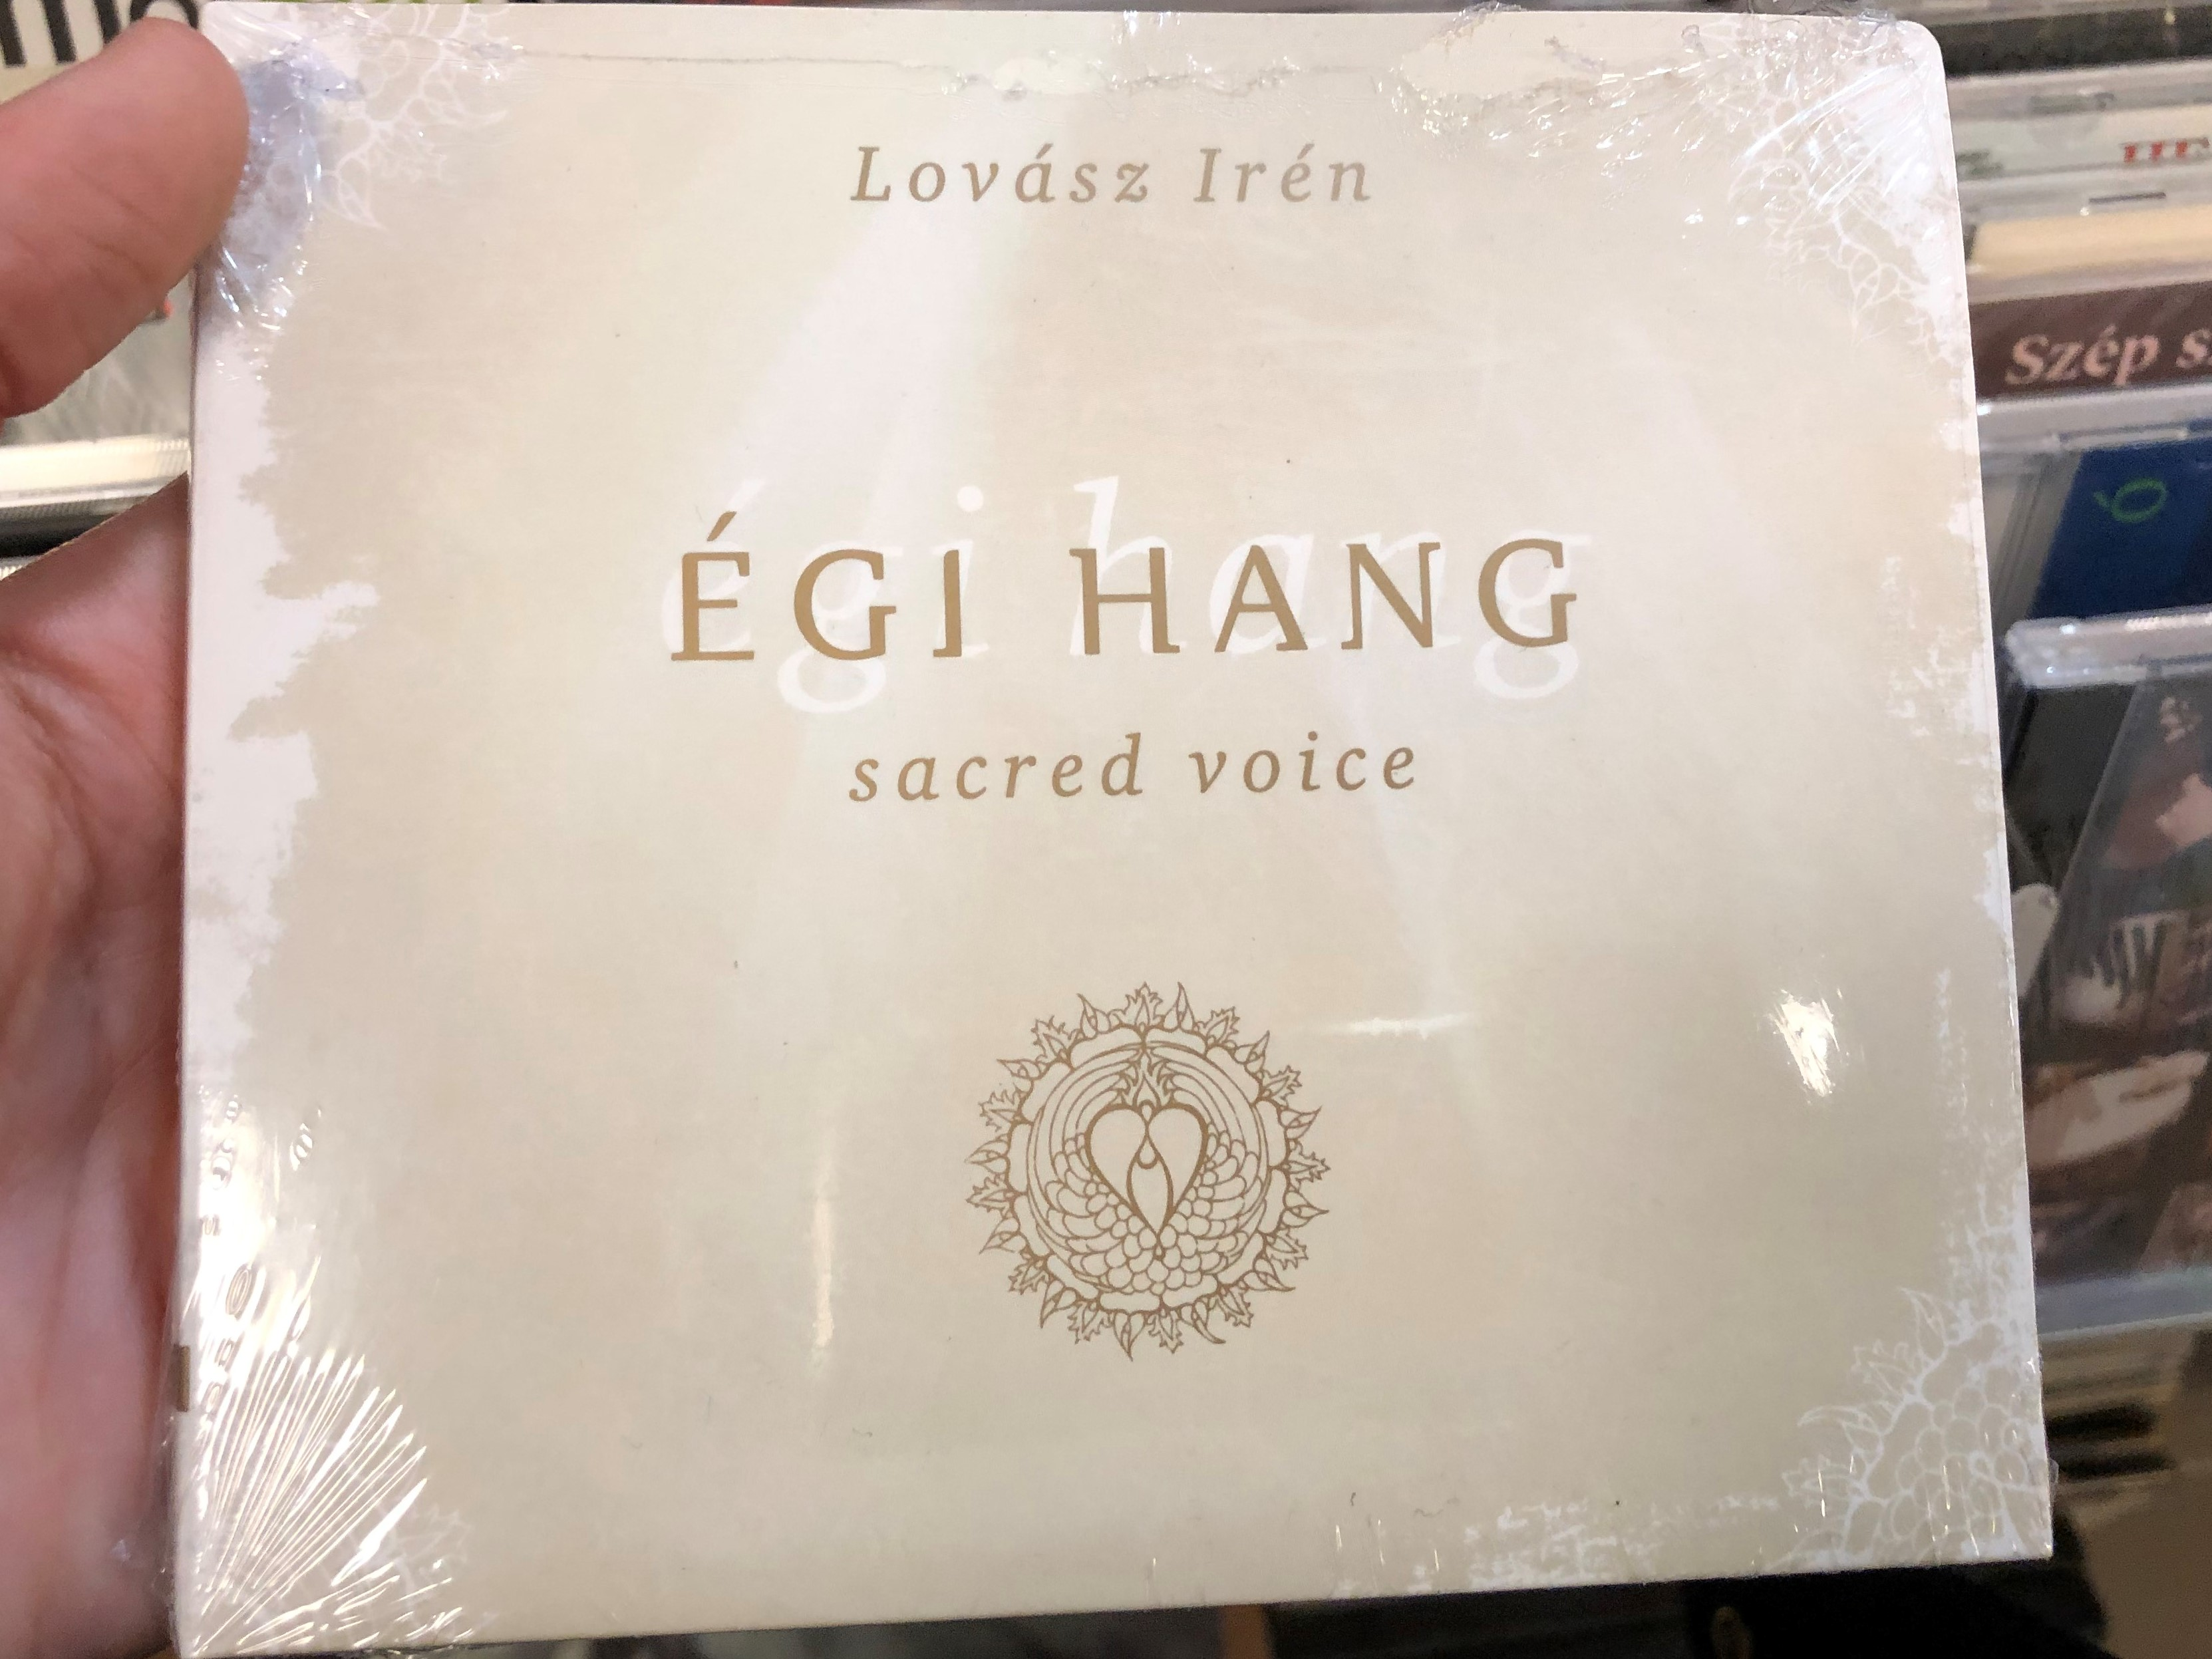 lov-sz-ir-n-gi-hang-sacred-voice-siren-voices-audio-cd-2006-svcdc01-1-.jpg